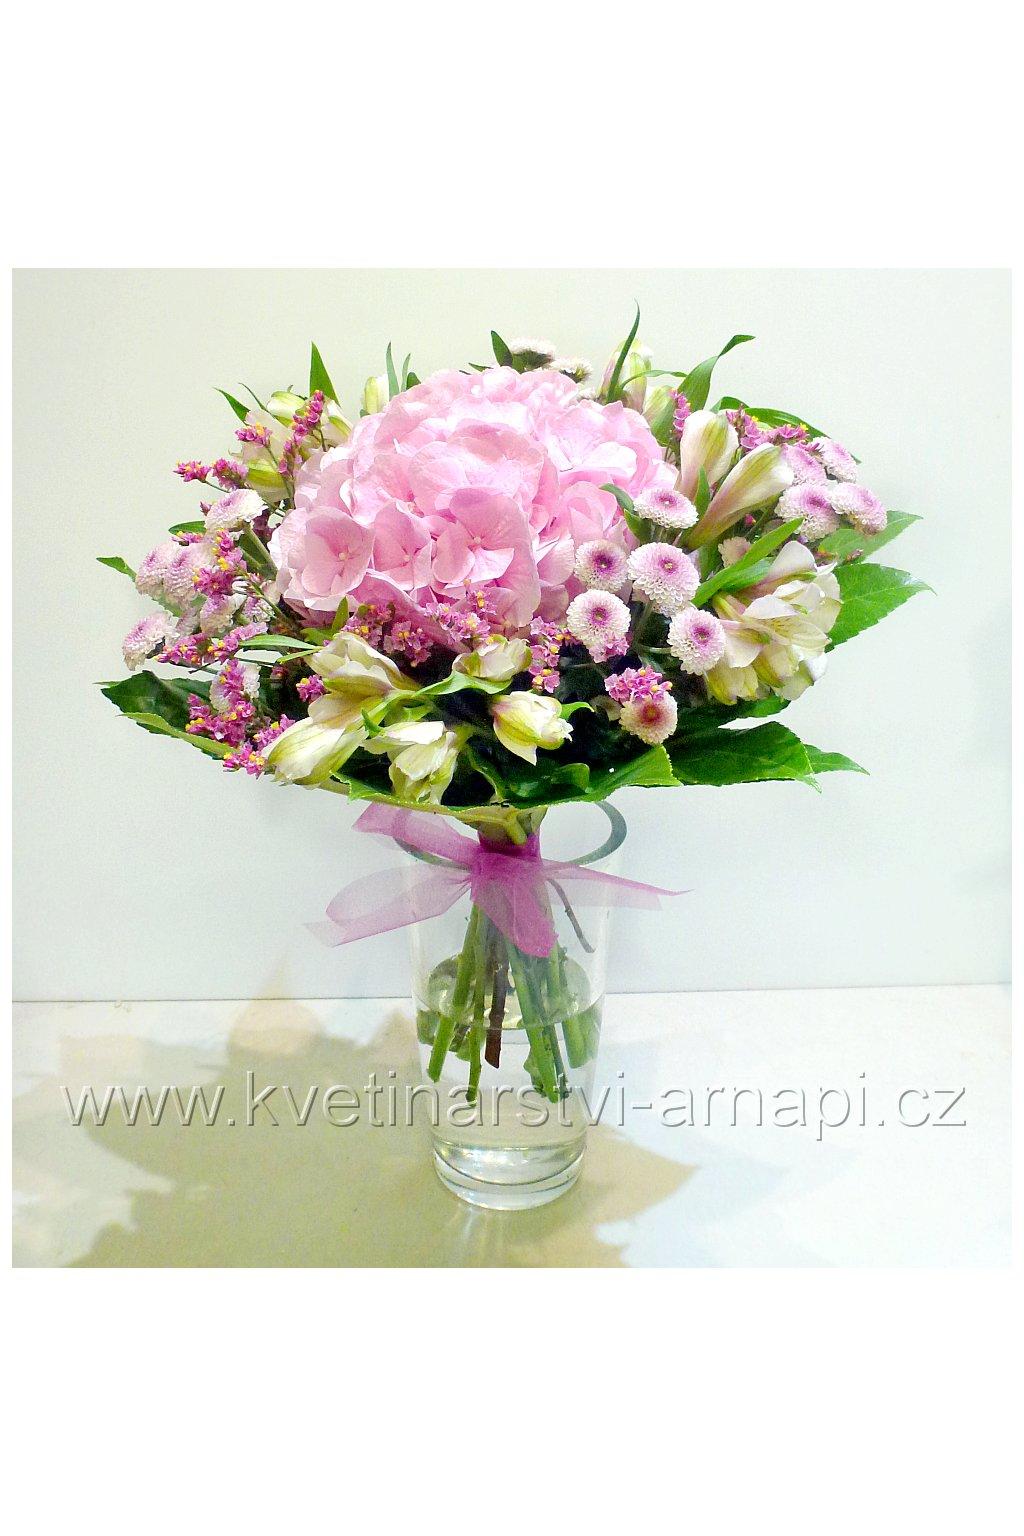 kytice ruzova kvetinarstvi arnapi